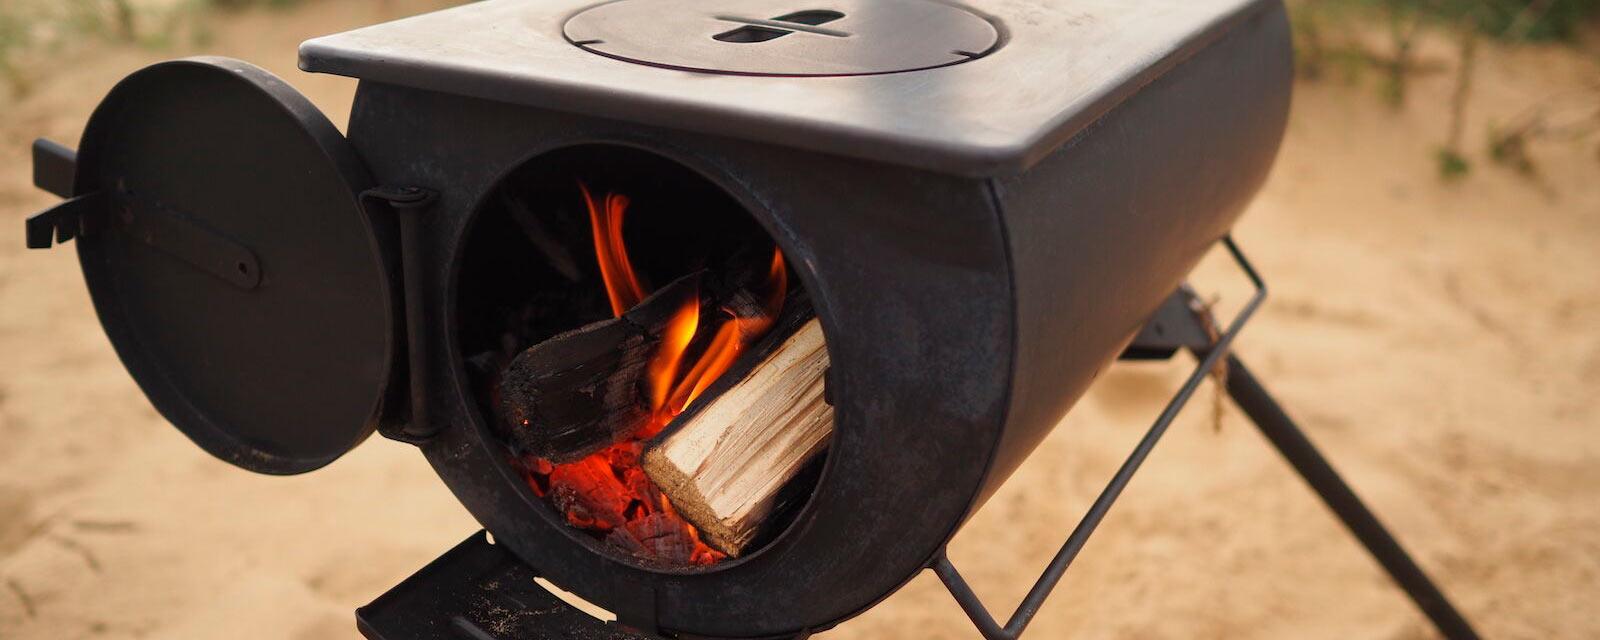 Comment Choisir Son Poele A Bois poêle à bois portable : bonne ou mauvaise idée ? | guide artisan